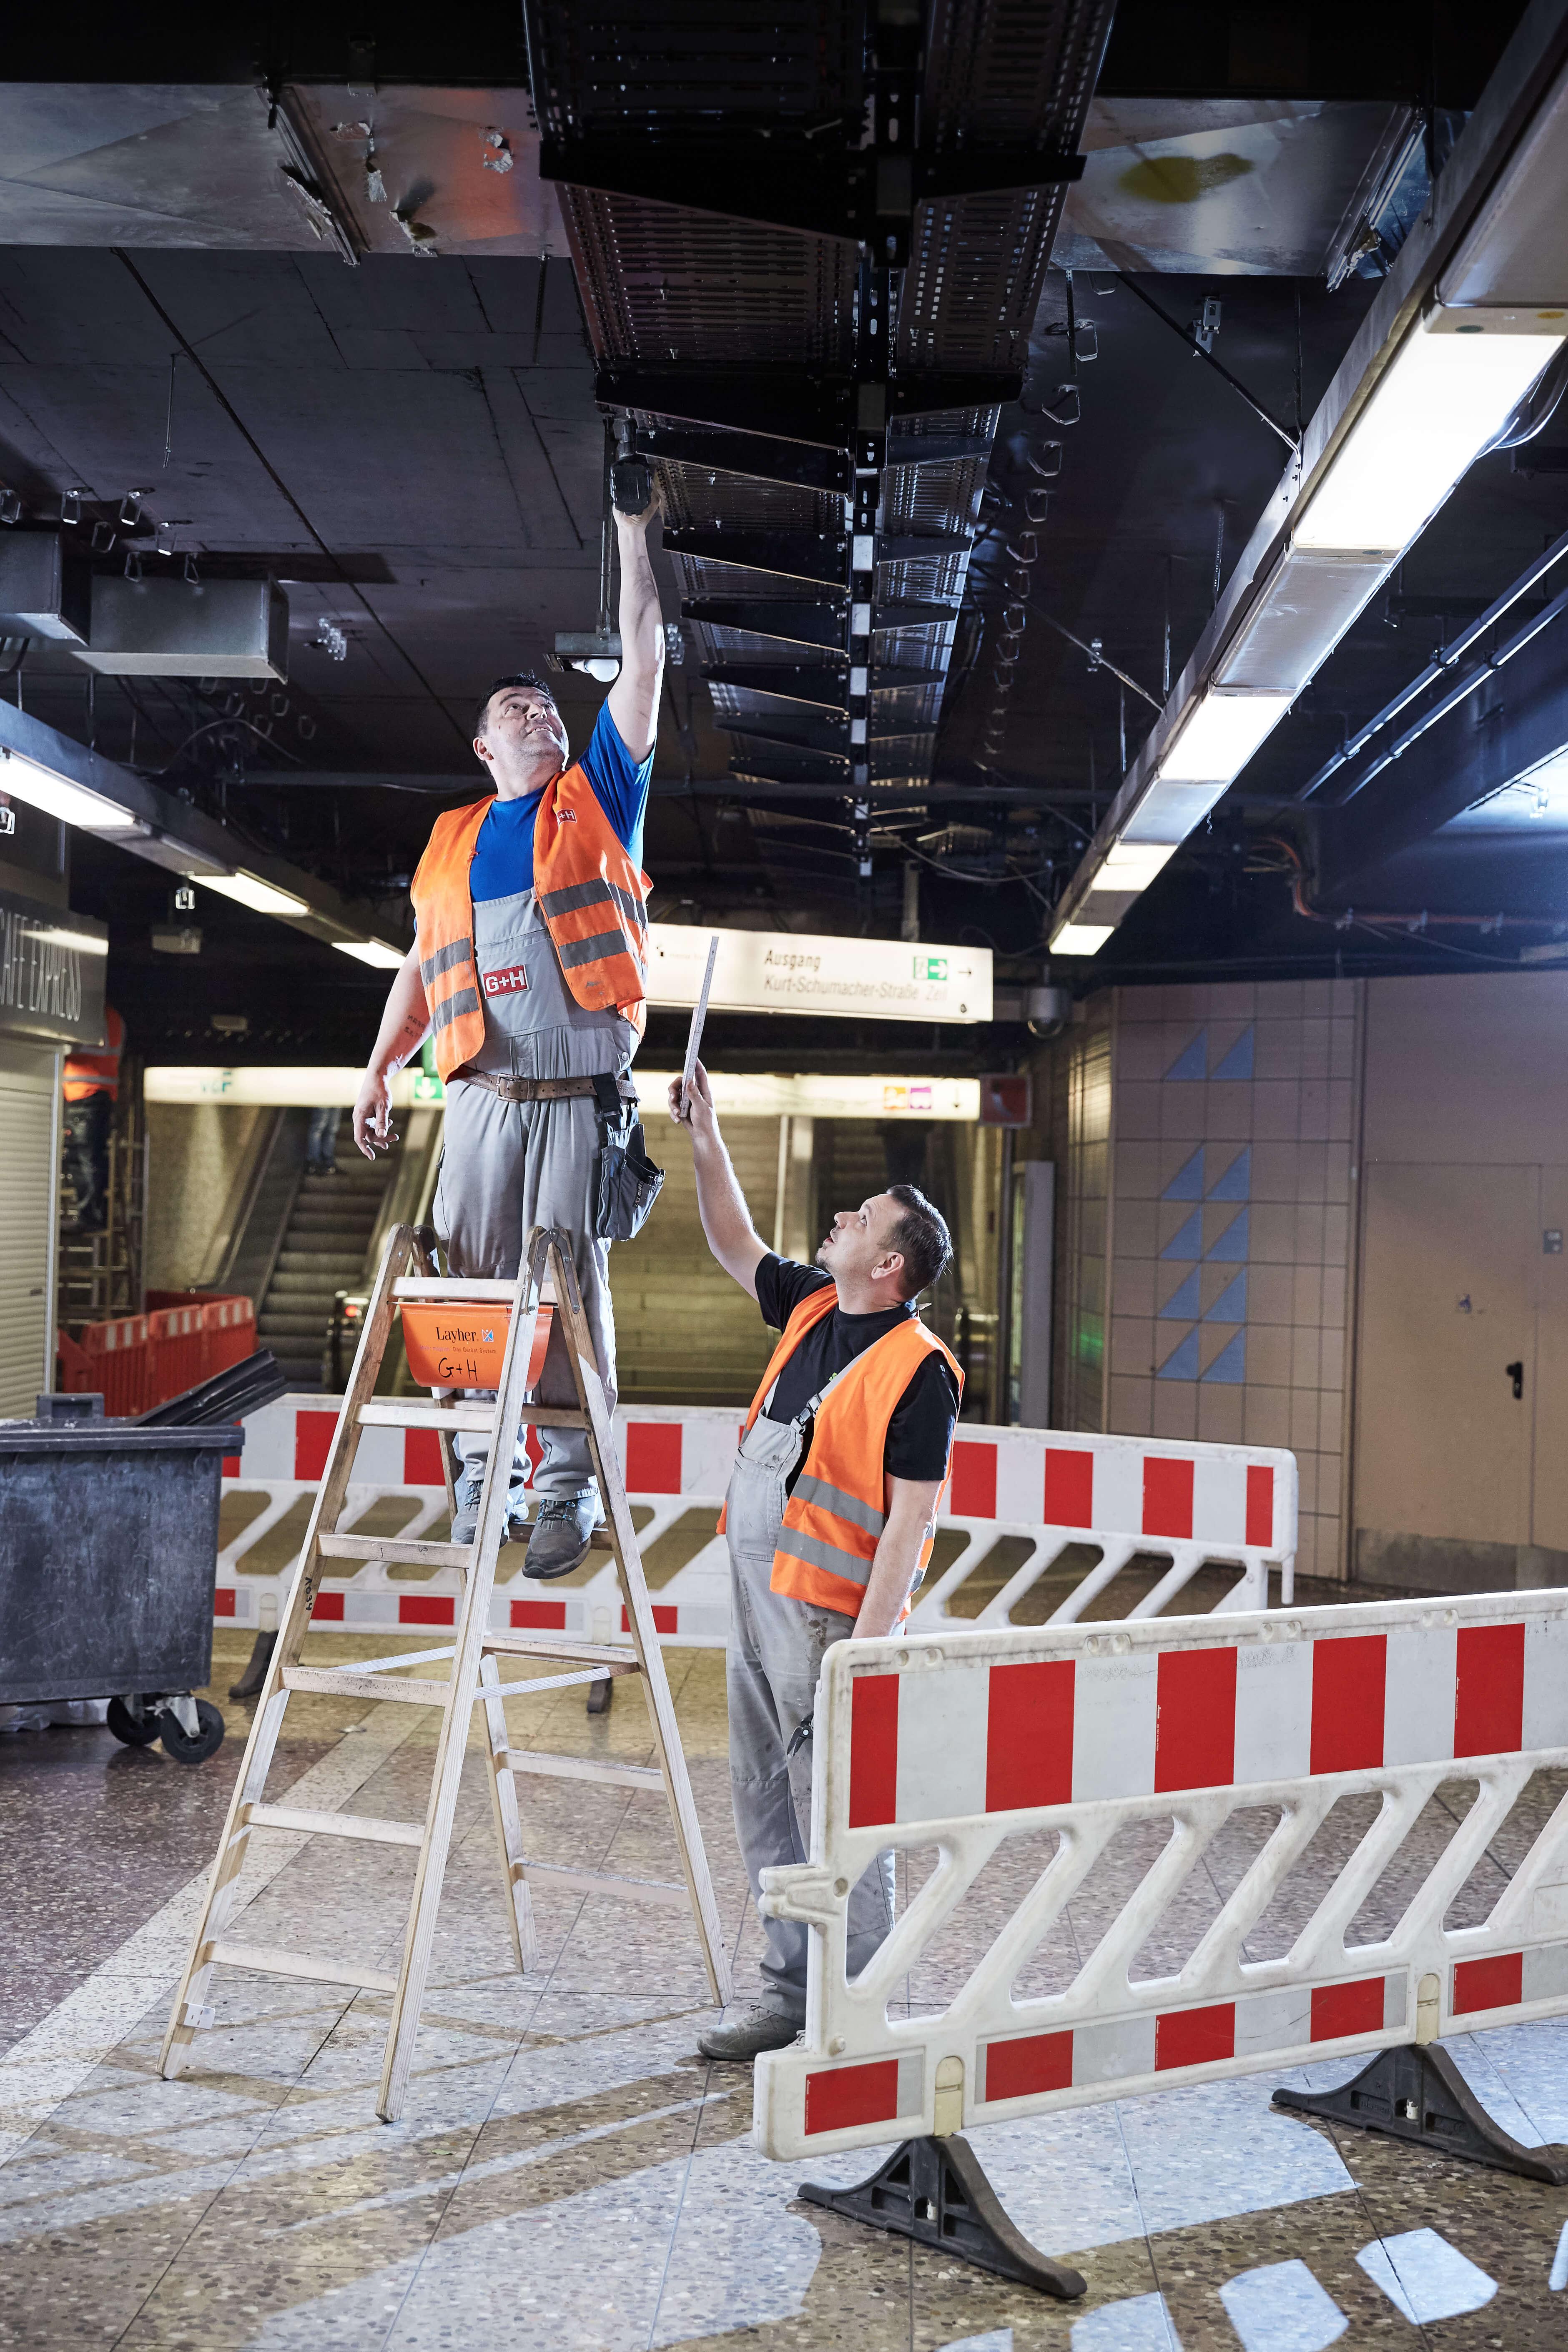 Zwei Männer in Warnwesten, der eine auf einer Leiter mit Akkuschrauber in der Hand, der andere daneben reicht Metermaß an und schaut zu.